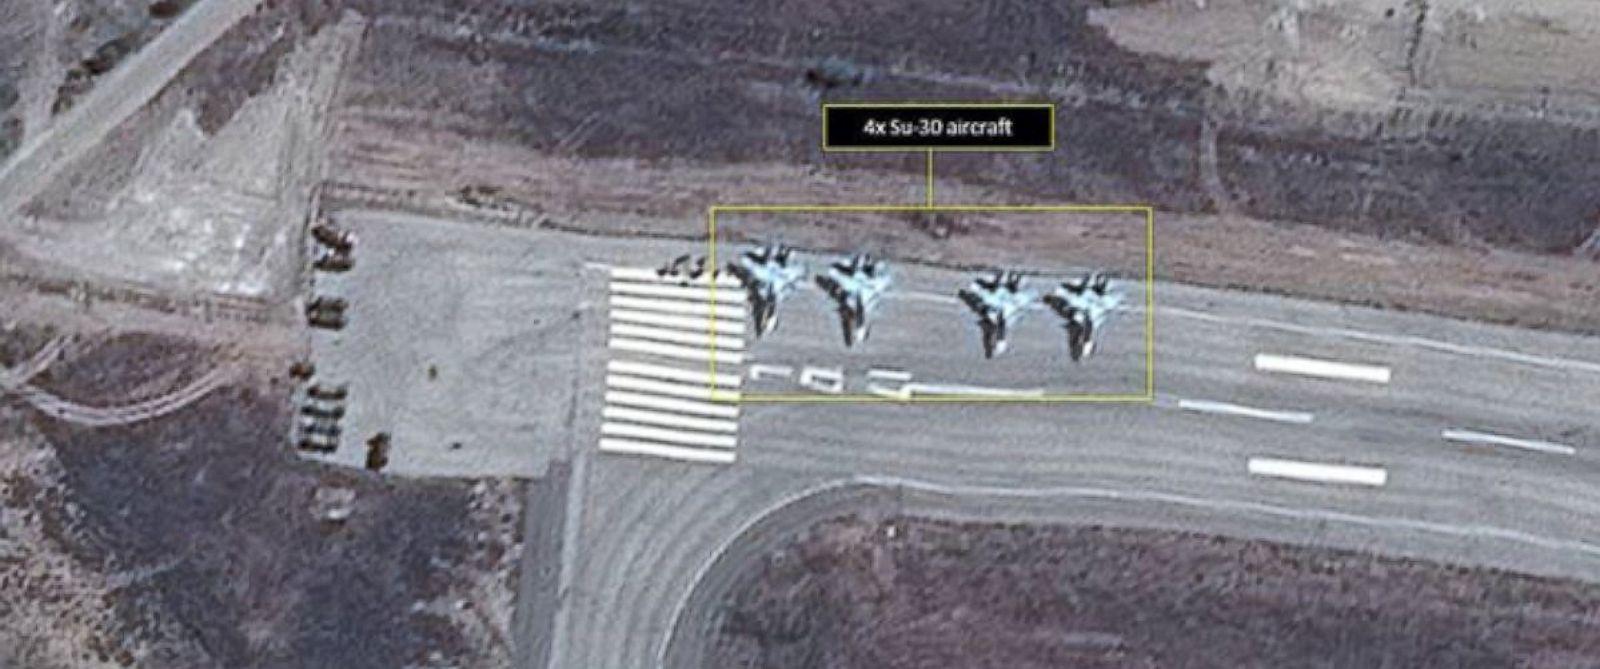 Нажмите на изображение для увеличения.  Название:HT_war_jets_jef_150921_12x5_1600.jpg Просмотров:2609 Размер:130.1 Кб ID:66719